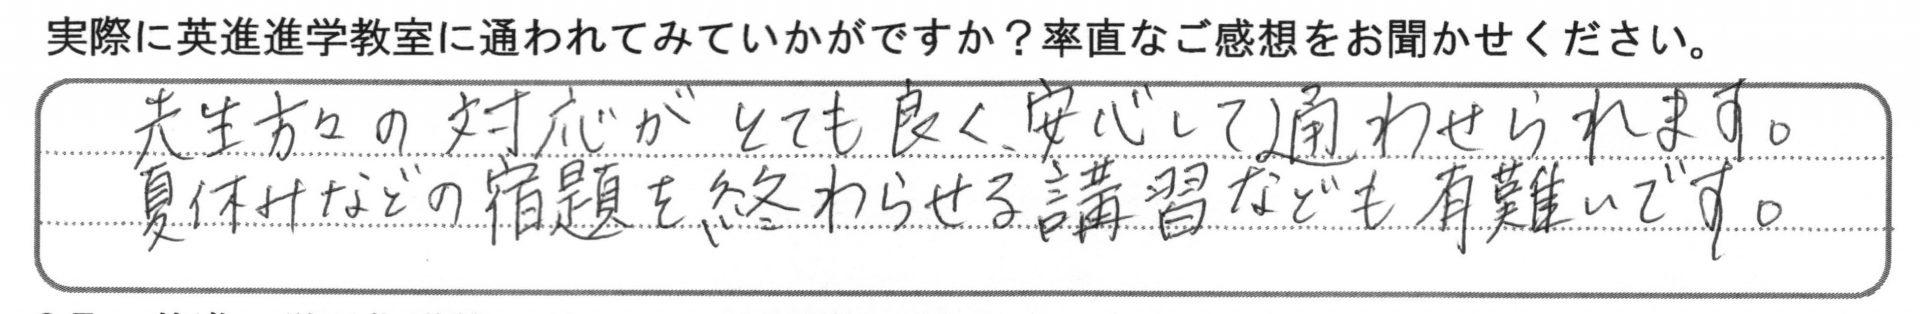 太田市の中で比較しておすすめしていただける塾の保護者コメント04